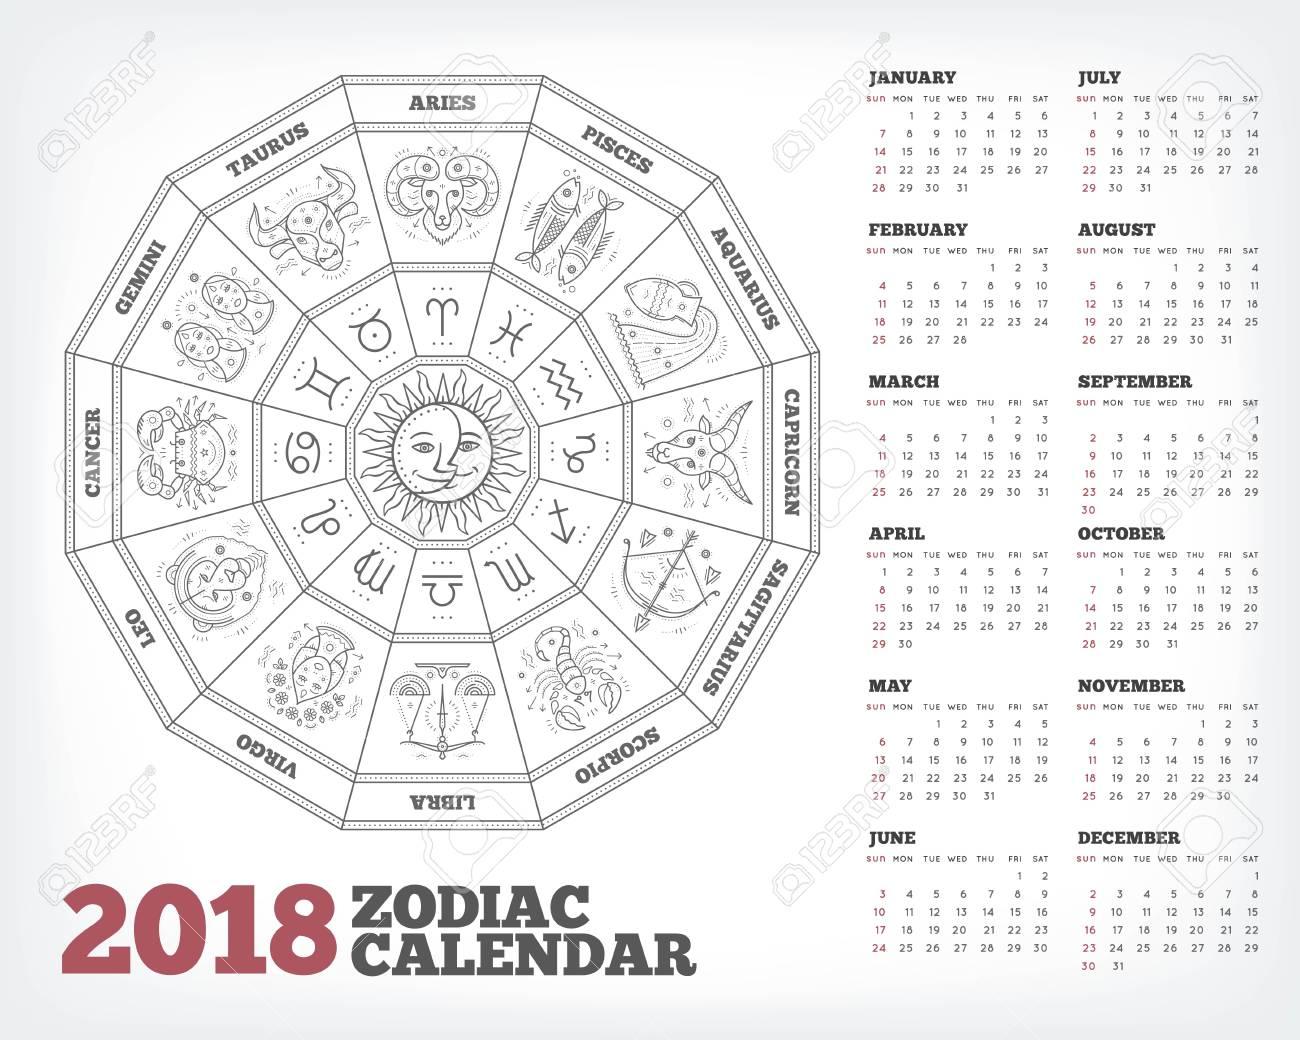 Calendario Zodiacal.Circulo Del Zodiaco 2018 Ano Calendario Ilustracion De Vector De Cartel